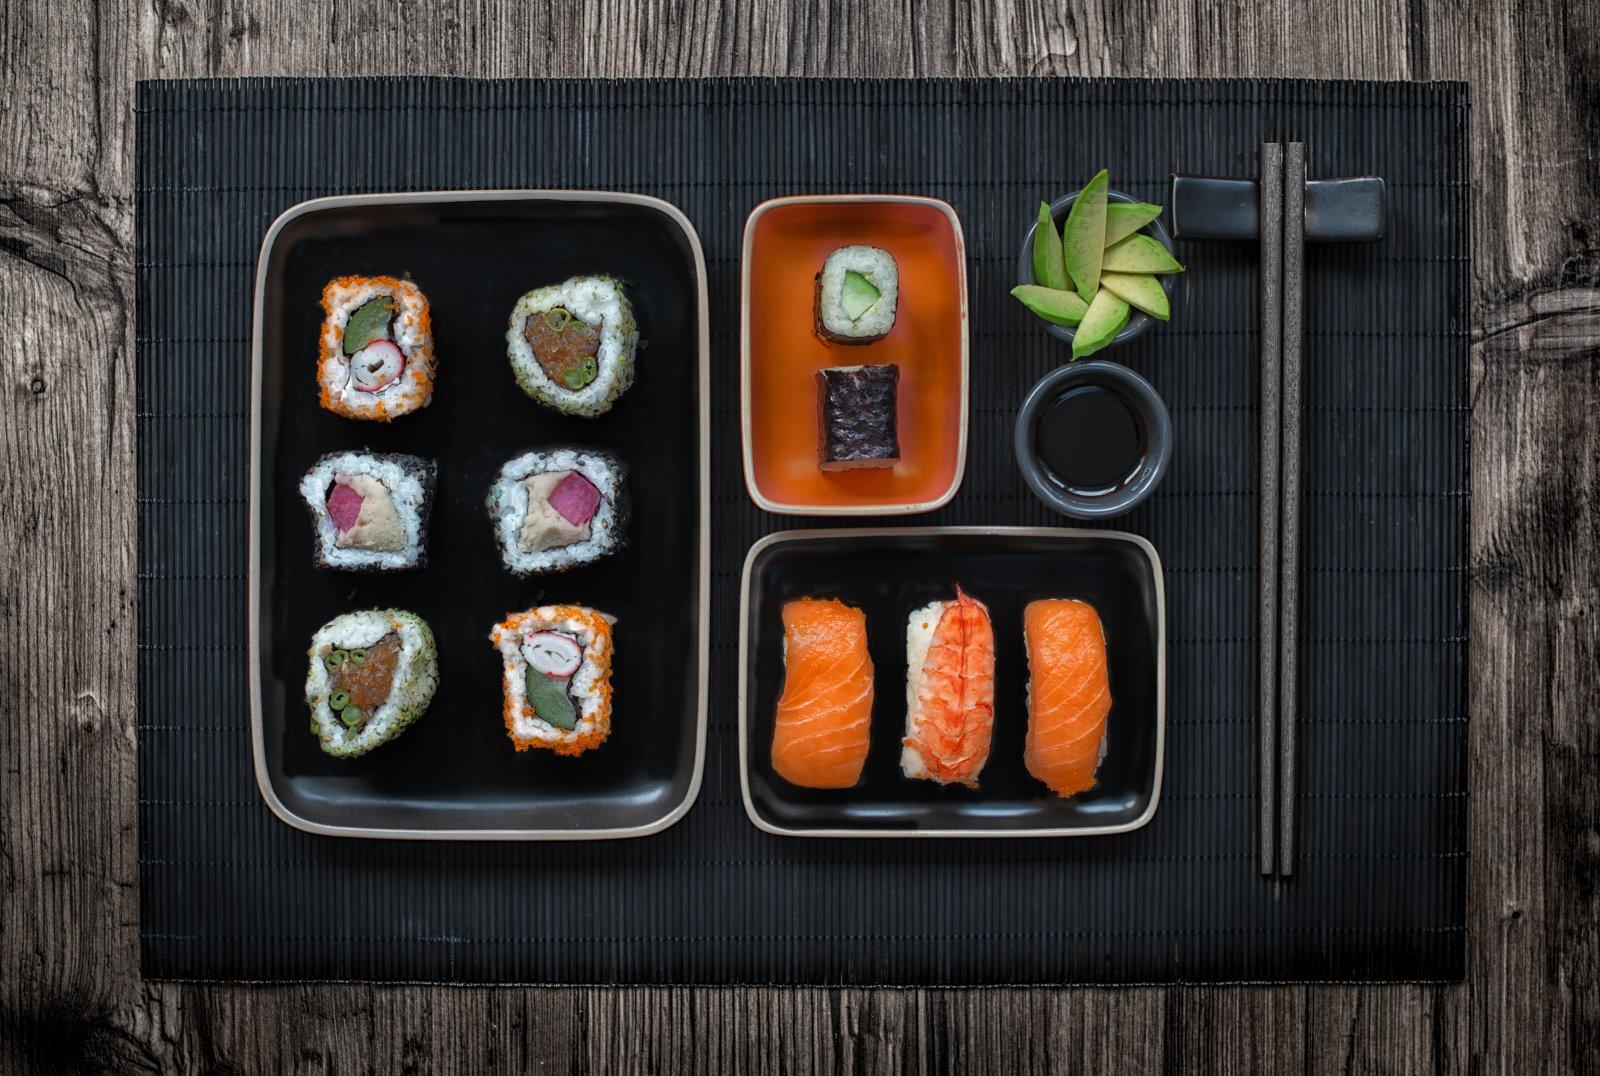 food-photography-zurich-food-photography-switzerland-lebensmittelfotos-photographer-restaurant-zurich